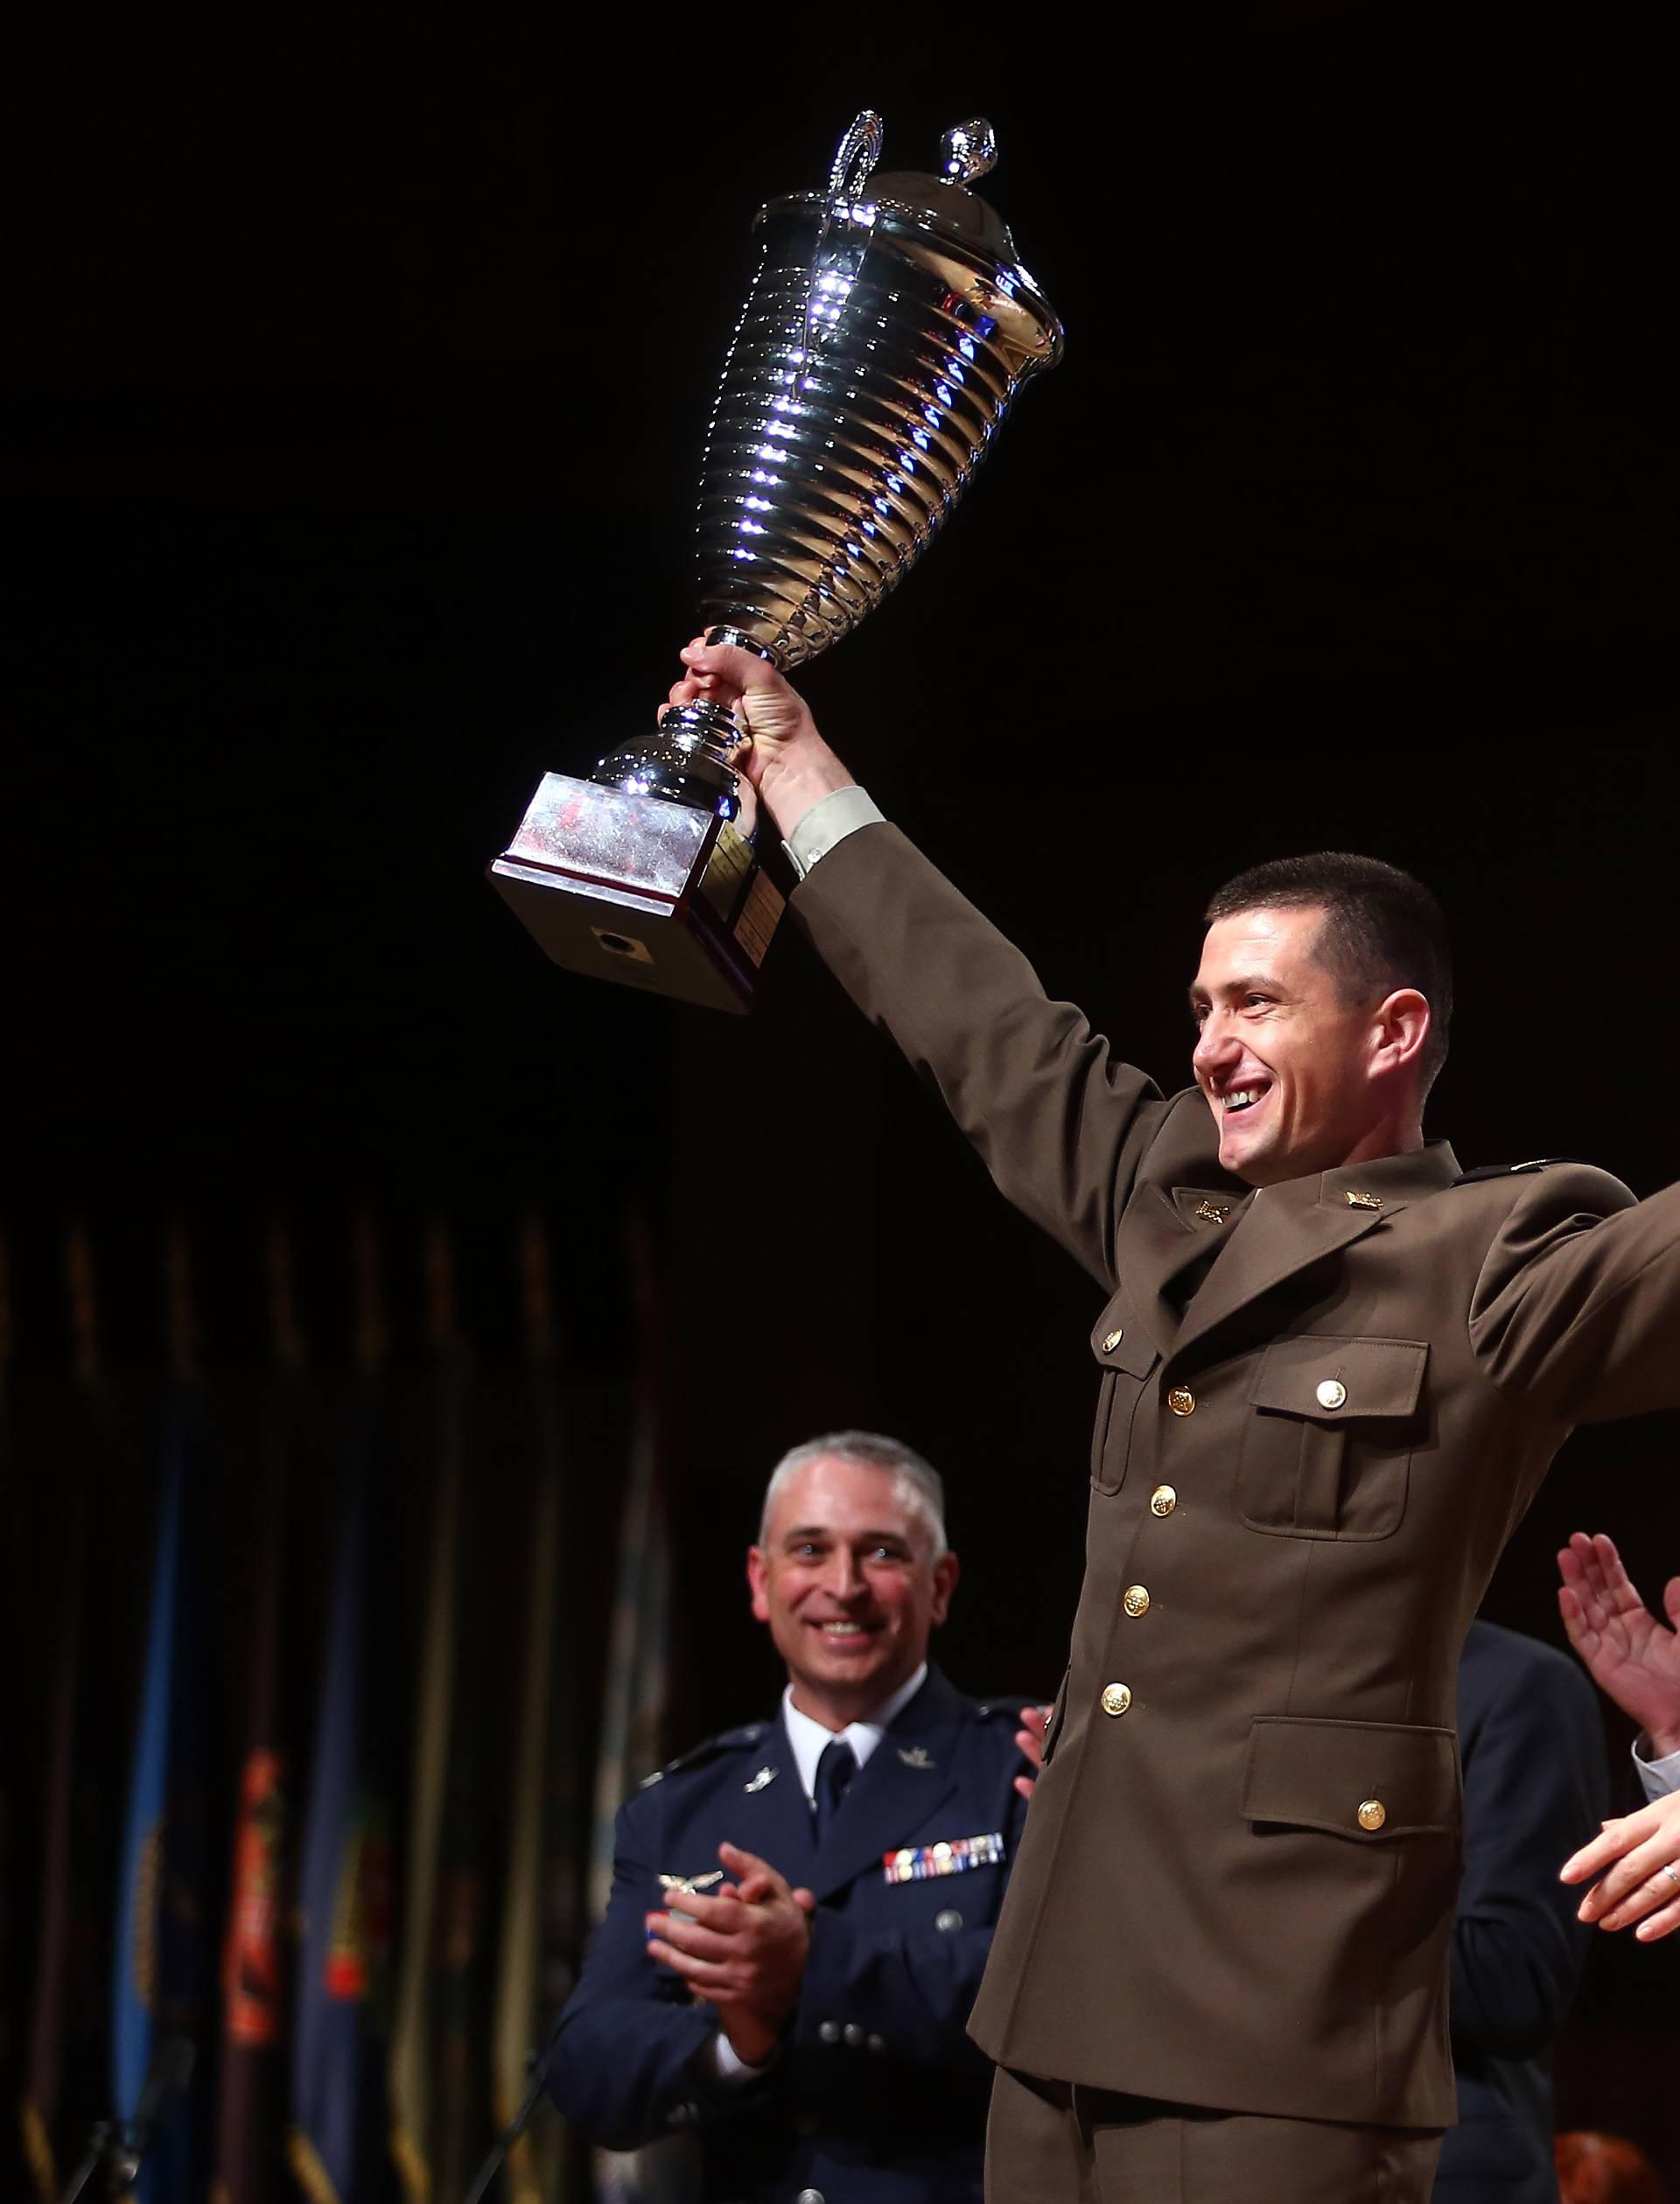 Nezgoda na dodjeli nagrade: Vojnik nehotice udario Kolindu